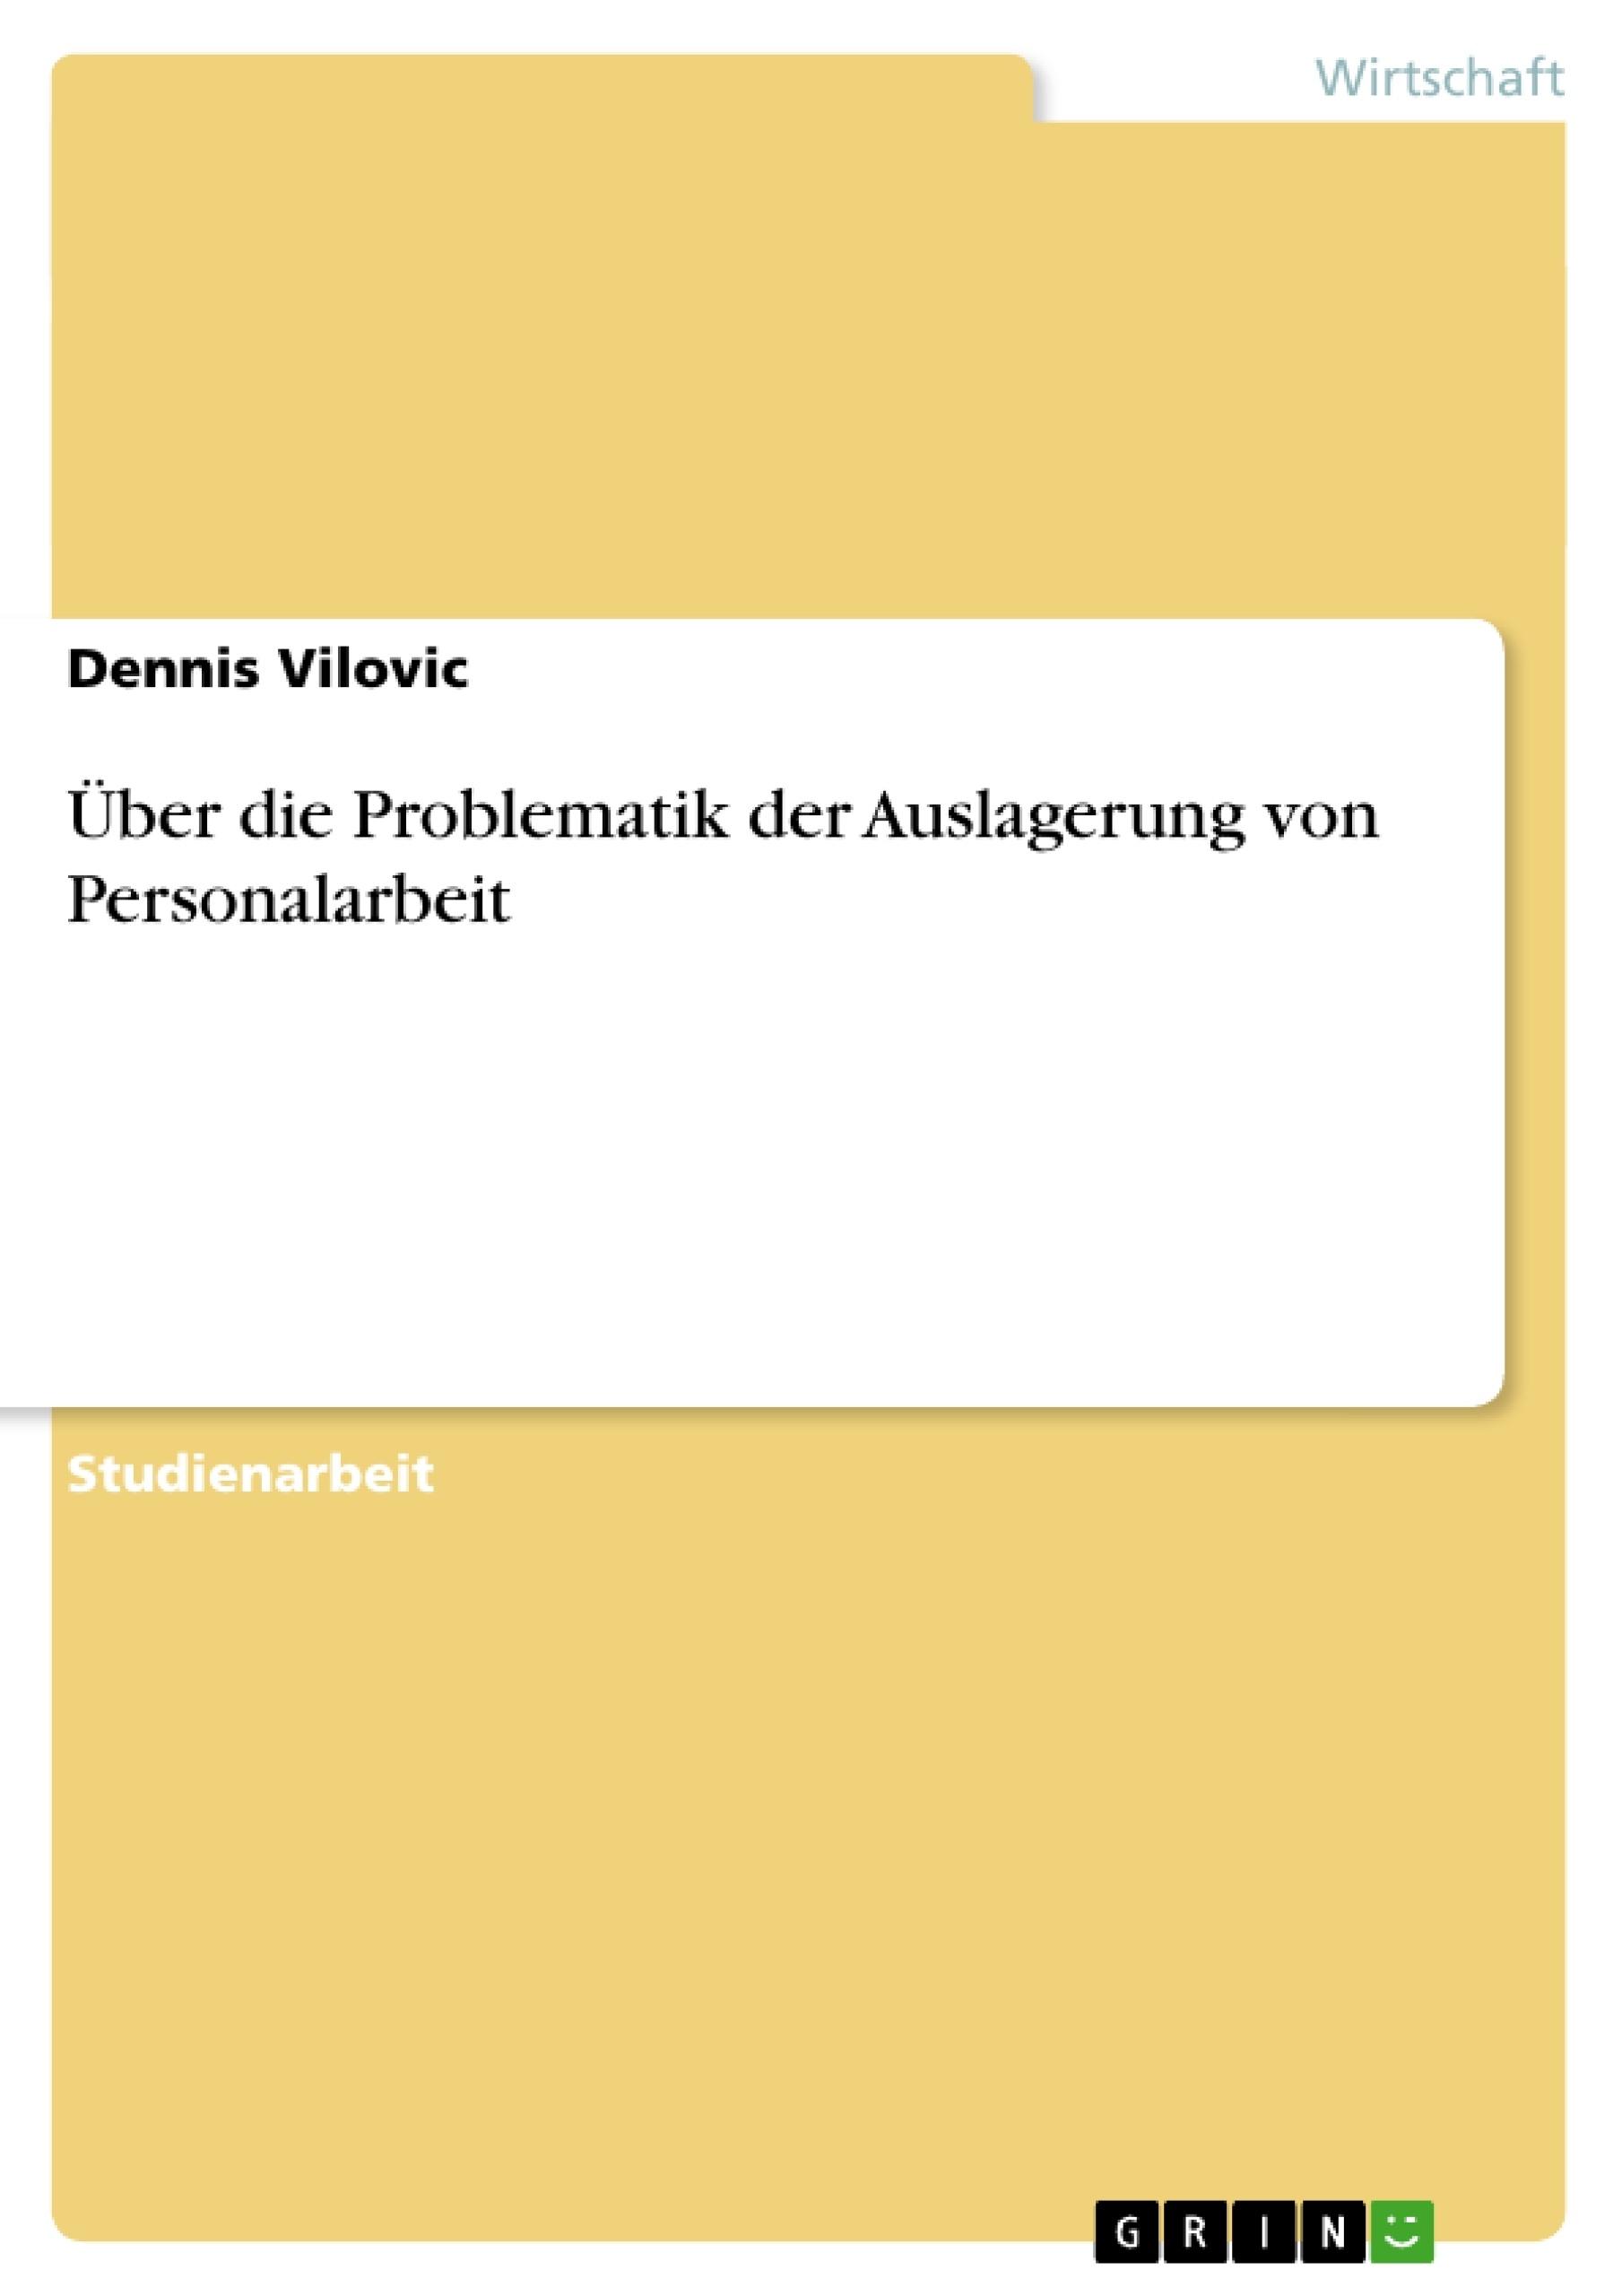 Titel: Über die Problematik der Auslagerung von Personalarbeit